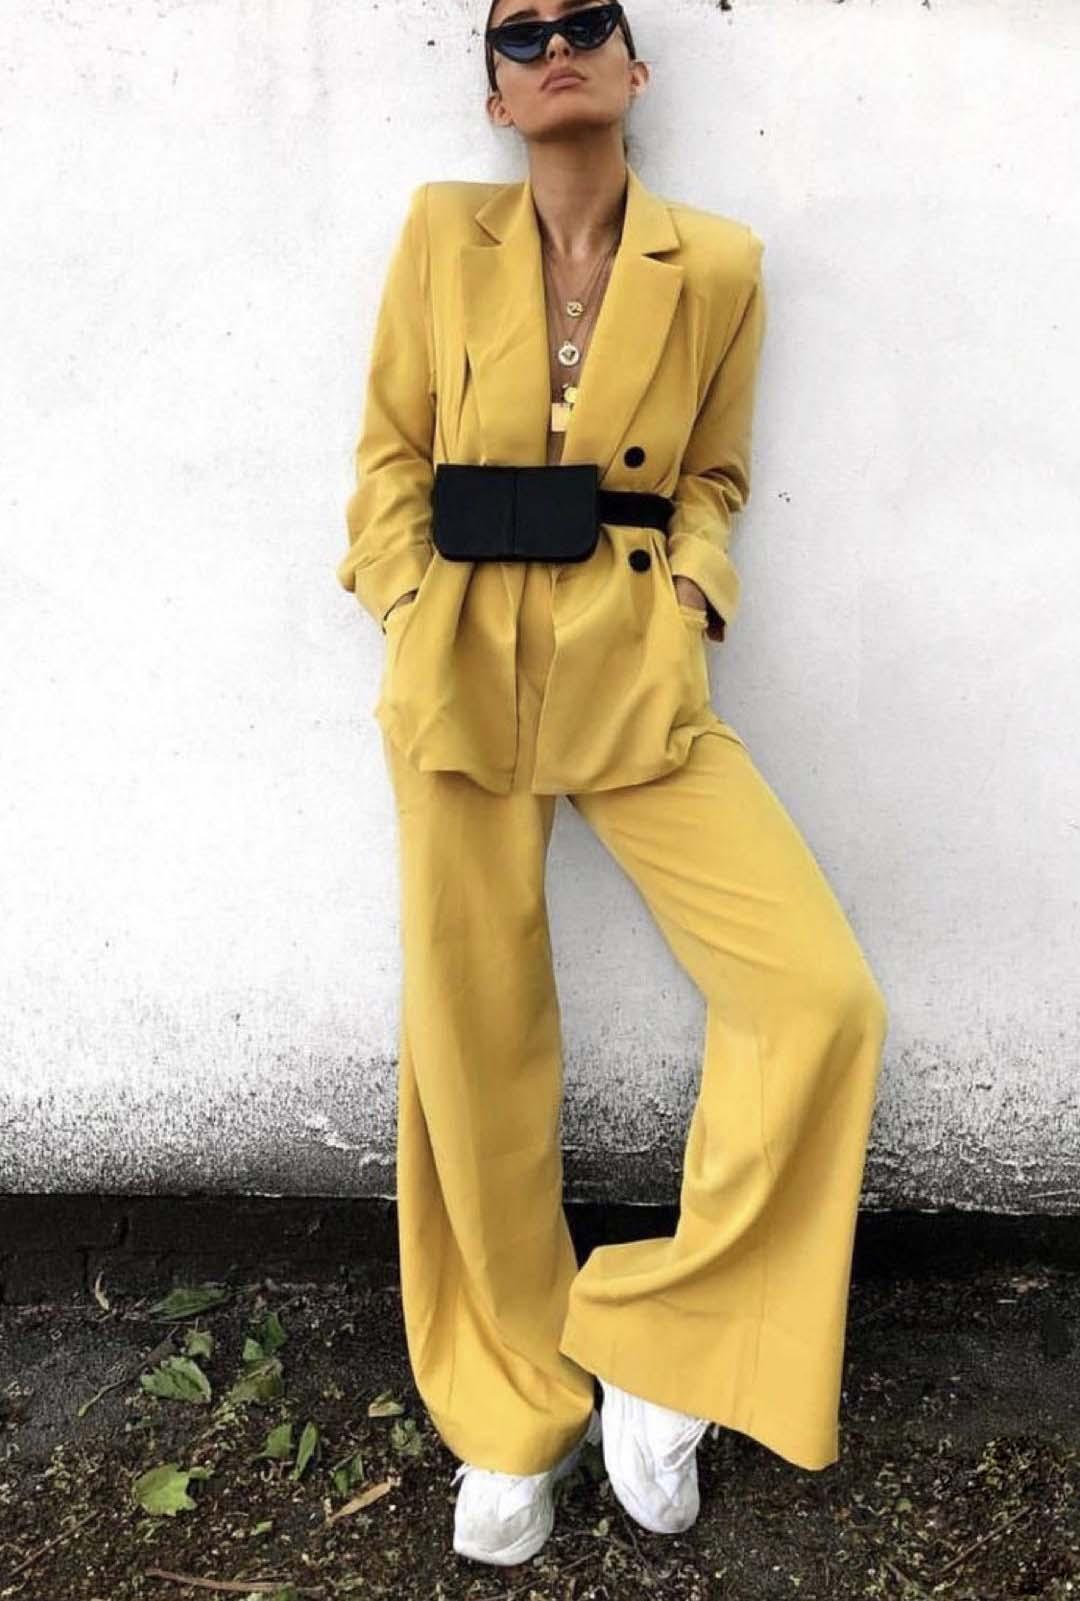 Women Elegant Pant Suits Office Uniform Work Wear Casual 2 Piece Sets Blazer And Pants Ladies Party Evening Trouser Suit